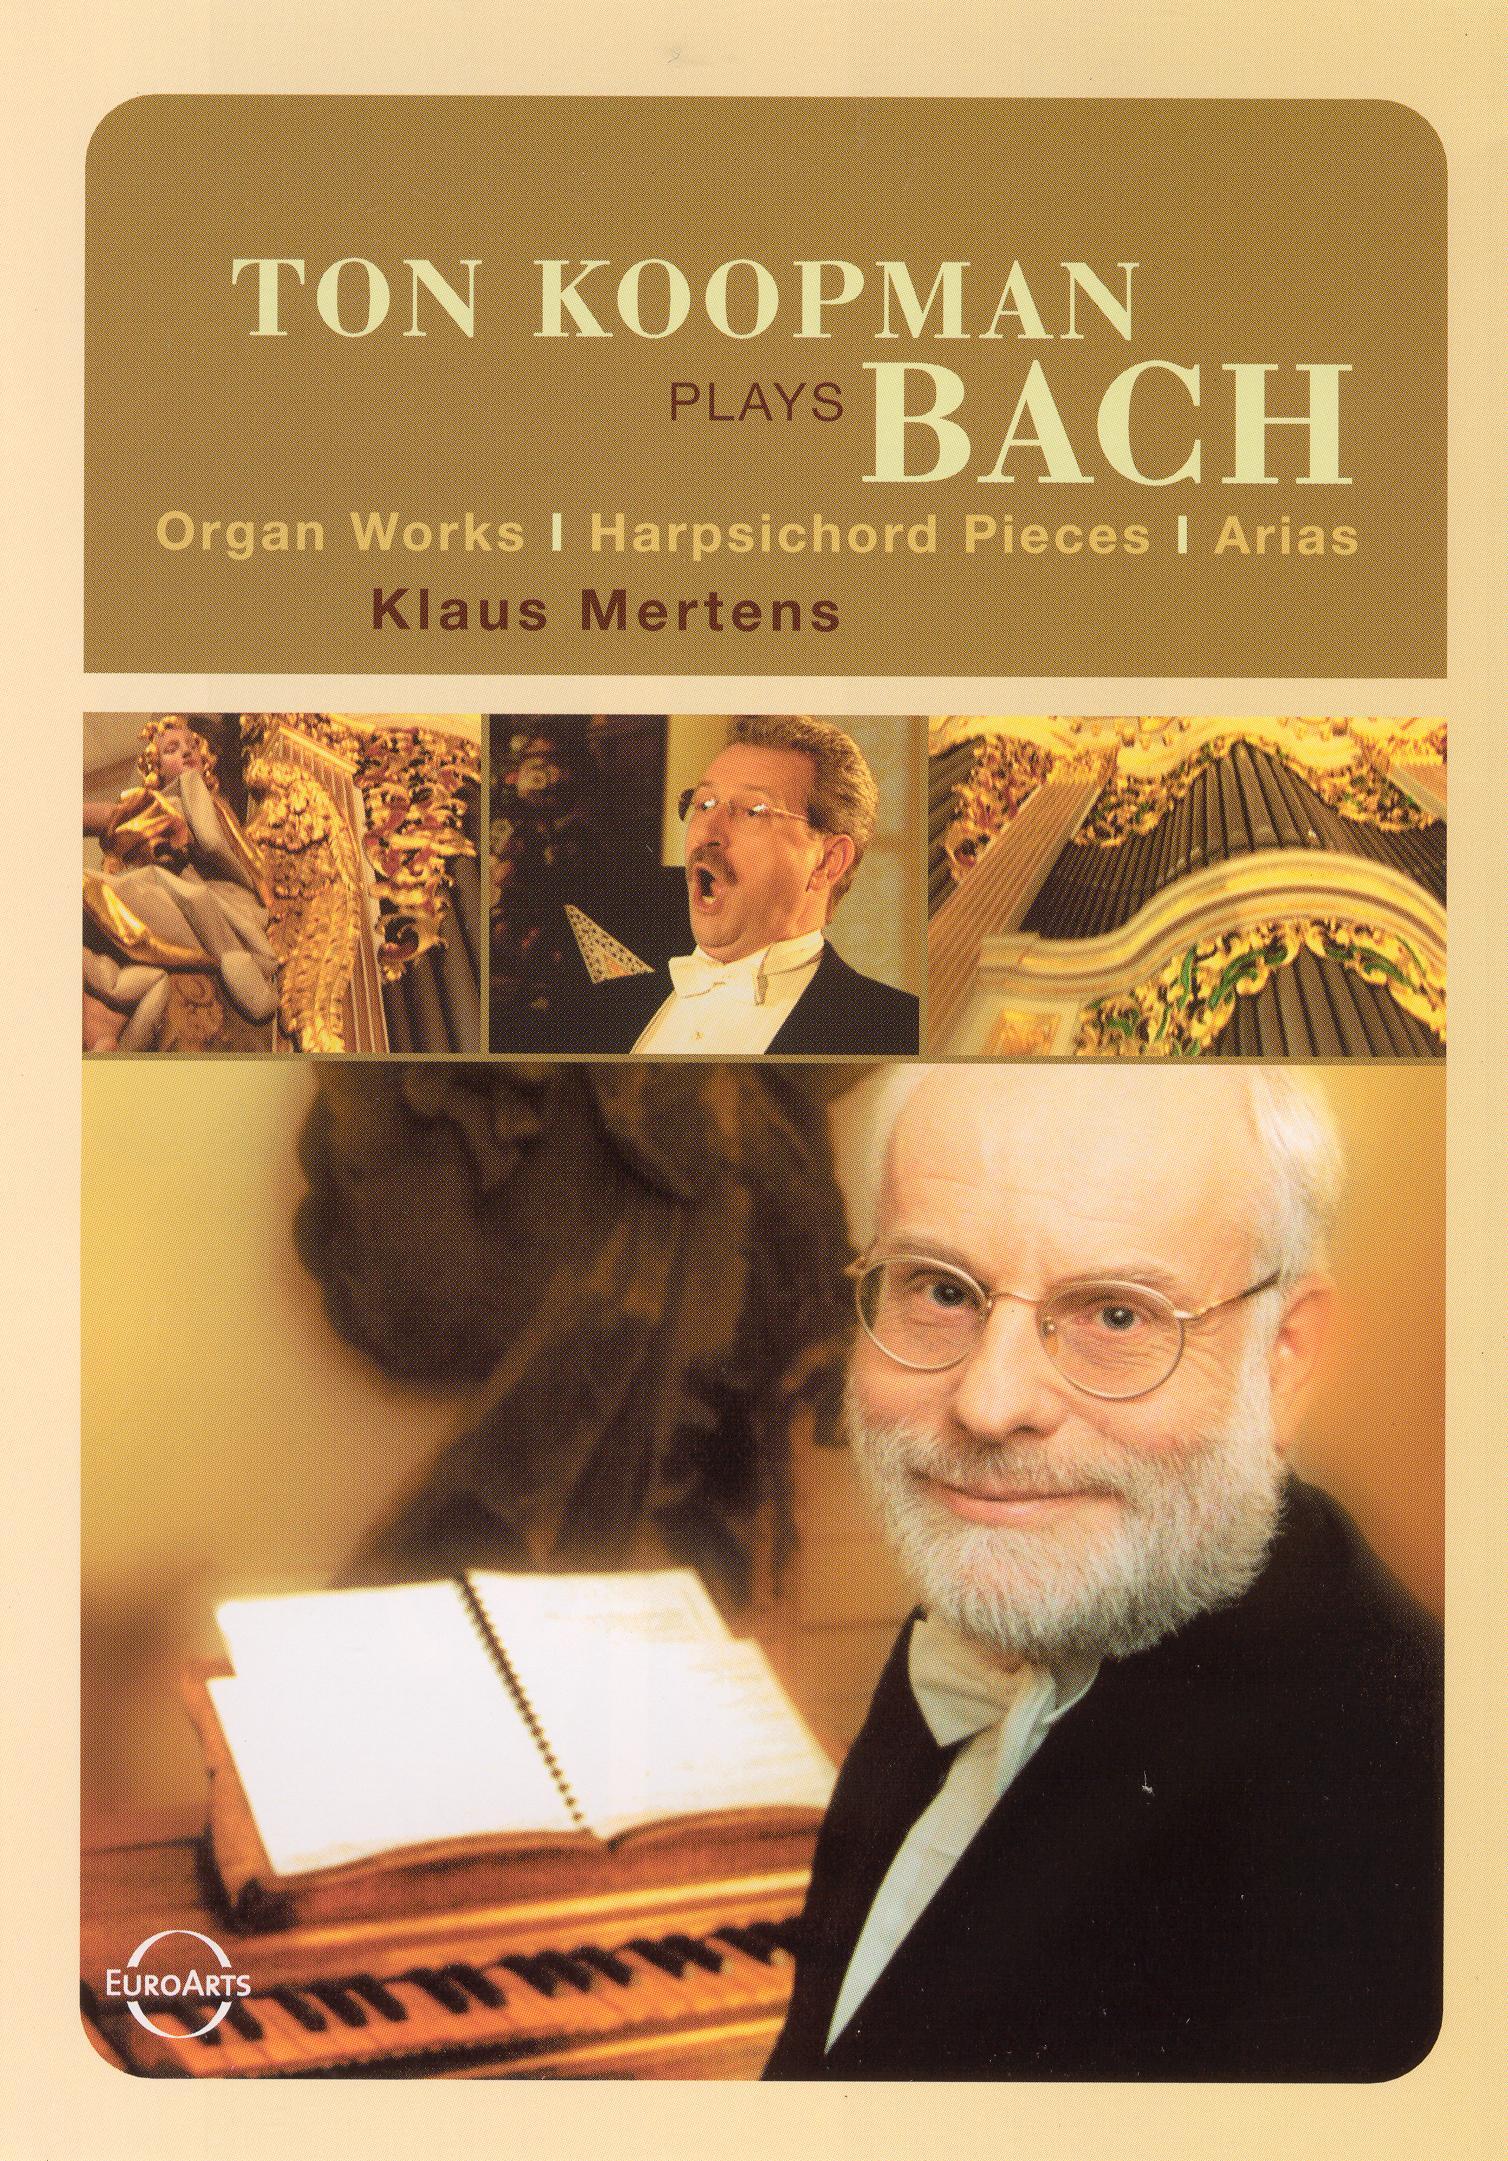 Ton Koopman Plays Bach